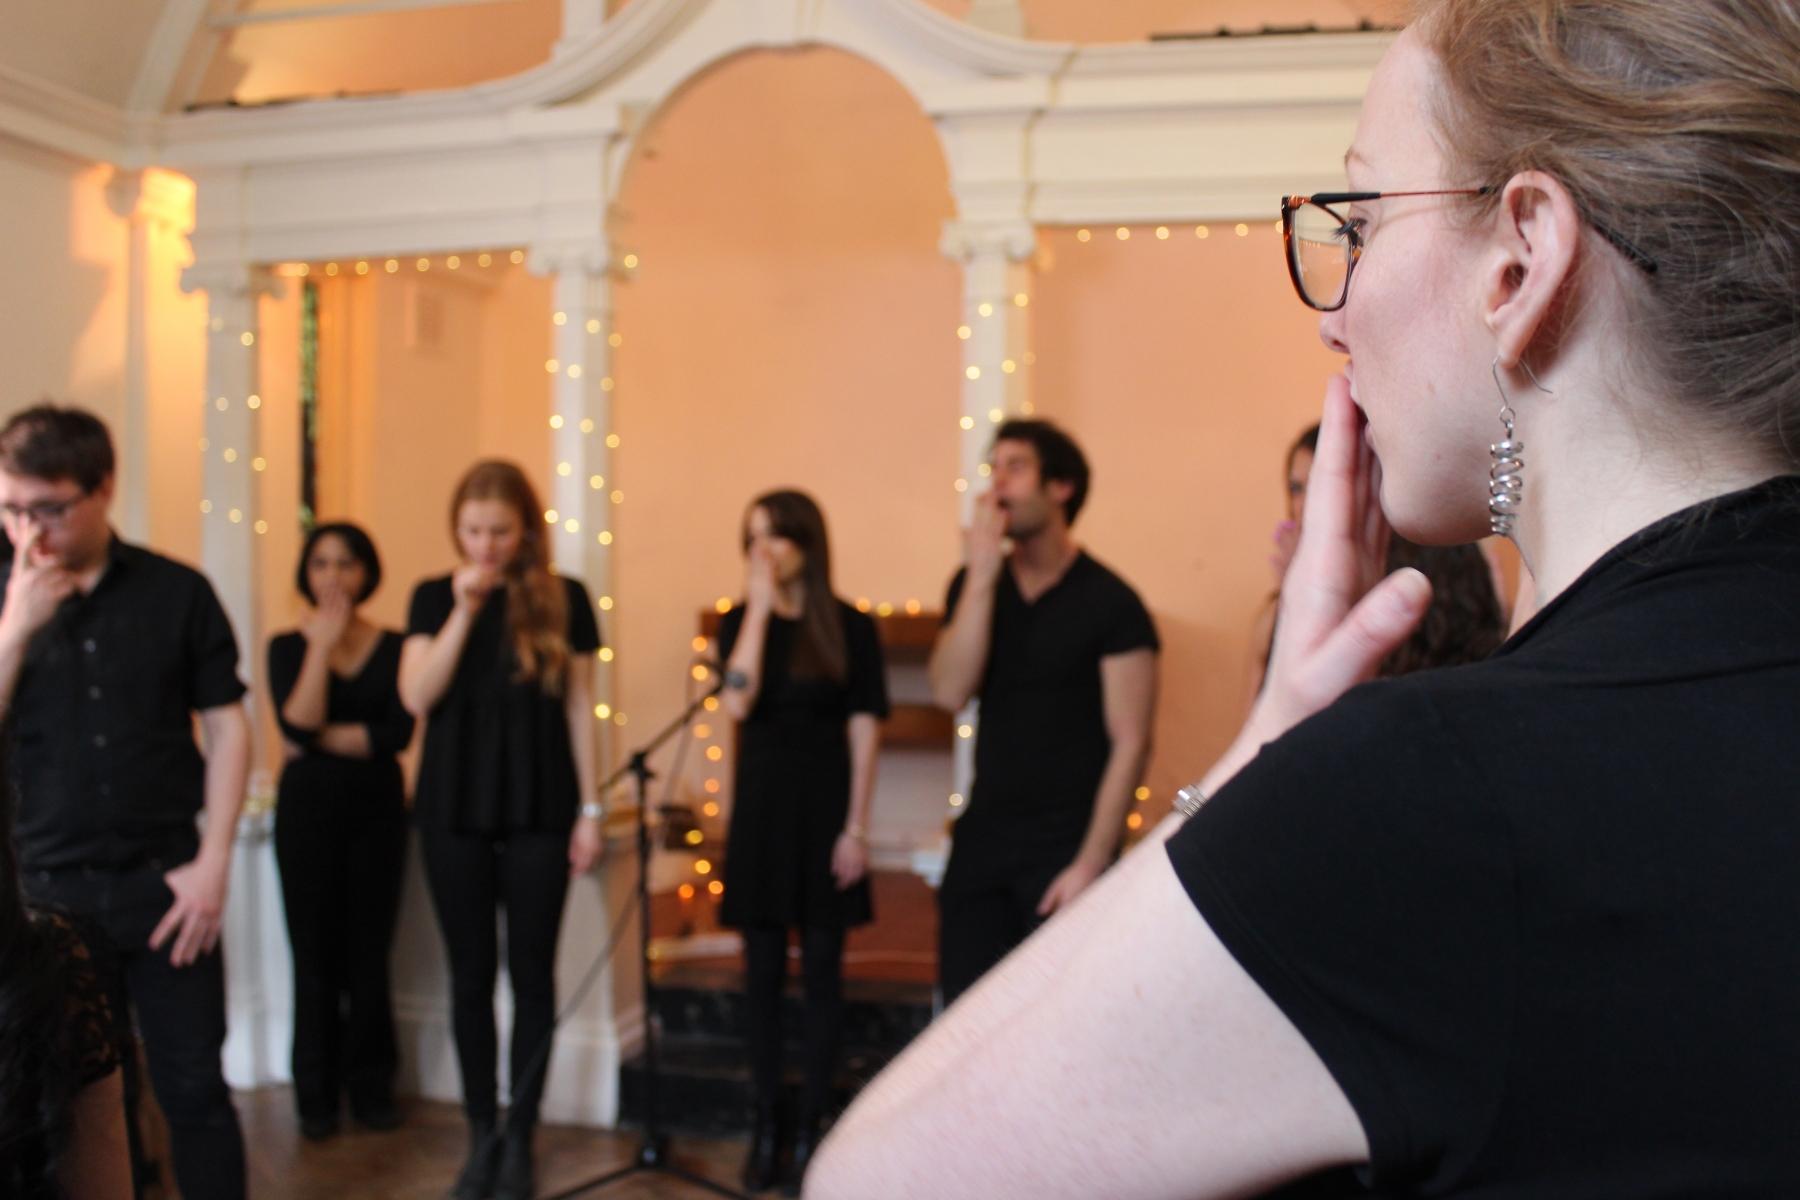 The Bridge Choir